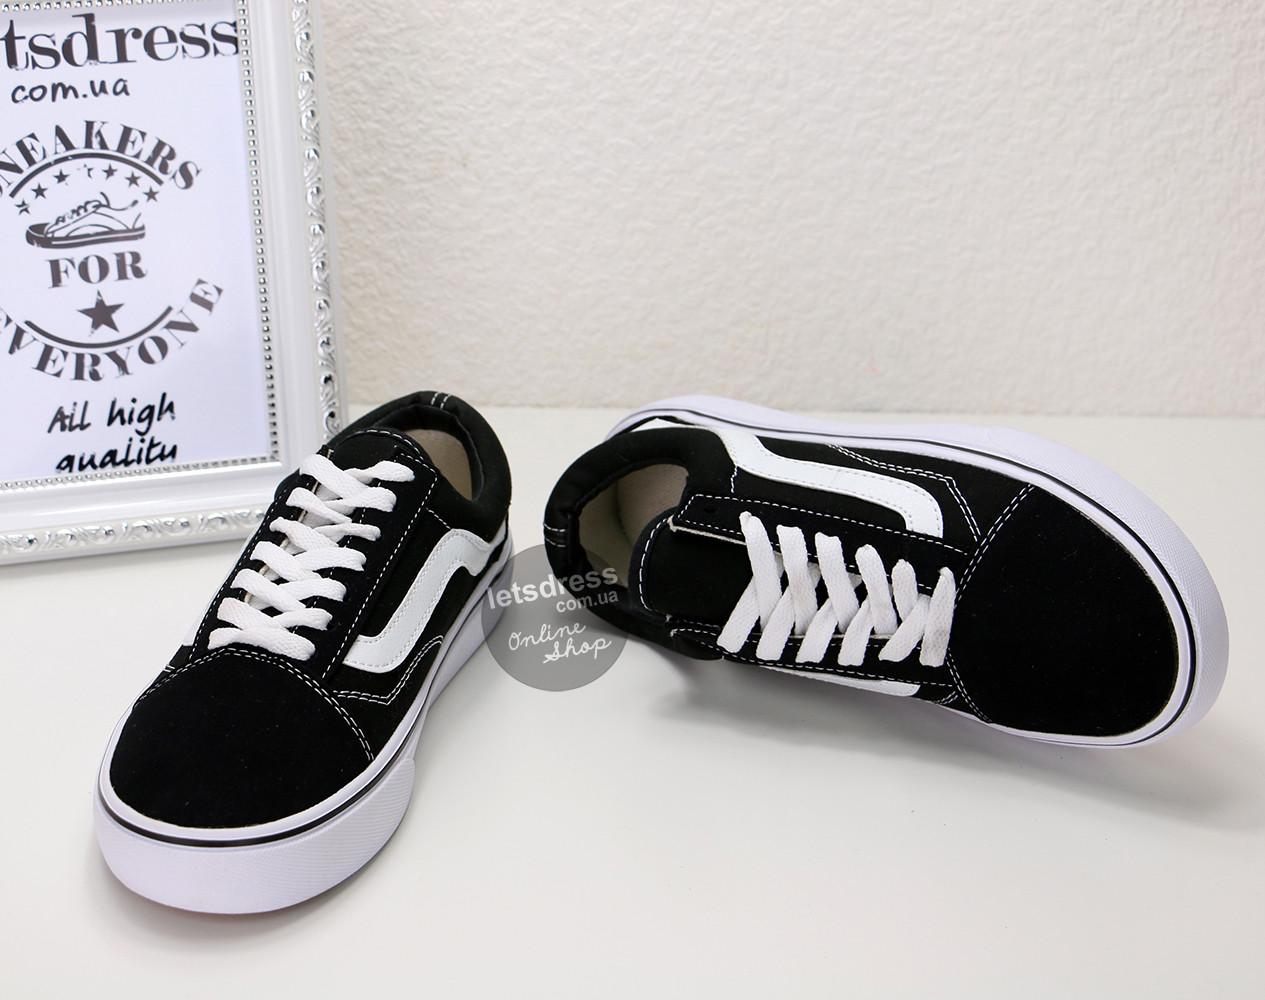 Женские кеды Vans Old Skool (black white)   Ванс Олд Скул черные с ... cdb3d83508e